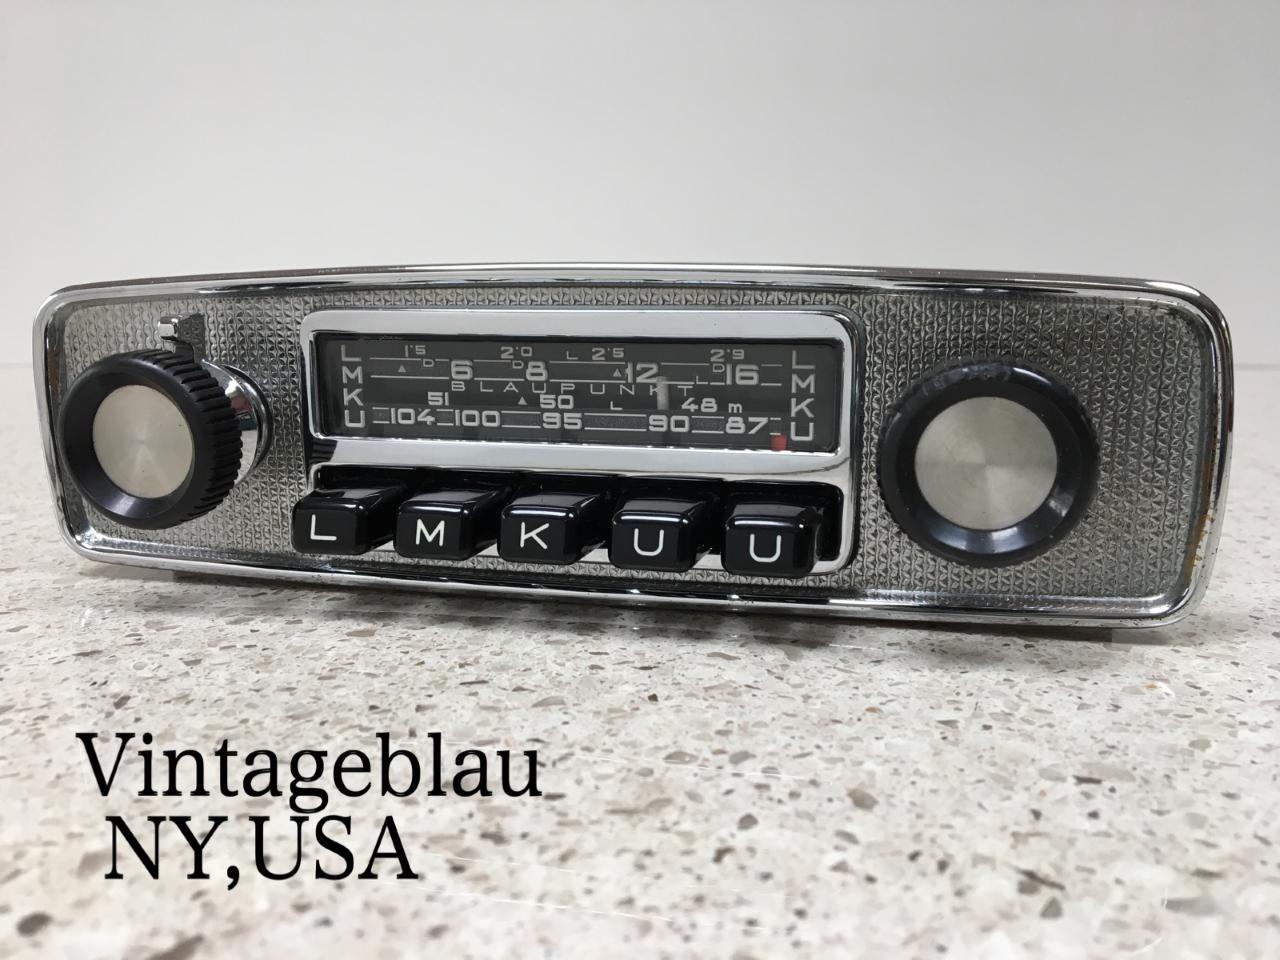 Vintageblau Classic Car Radios - Vintage Blaupunkt Radios